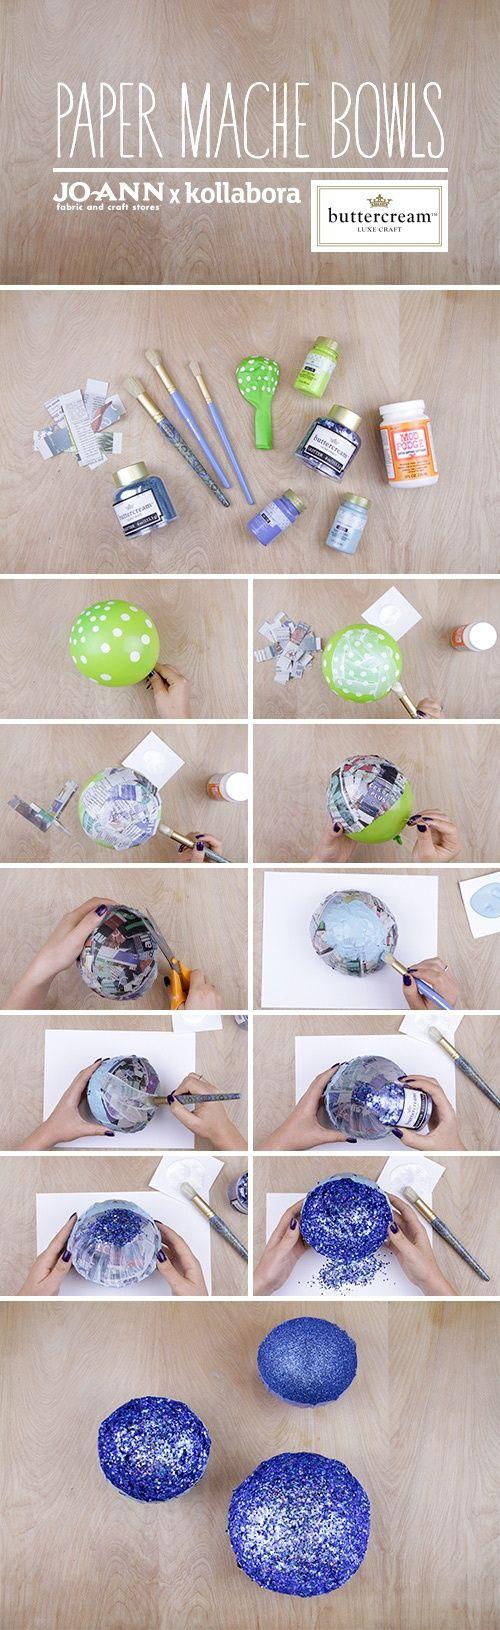 Best 25 paper mache bowls ideas on pinterest scraps of for Diy paper bowl